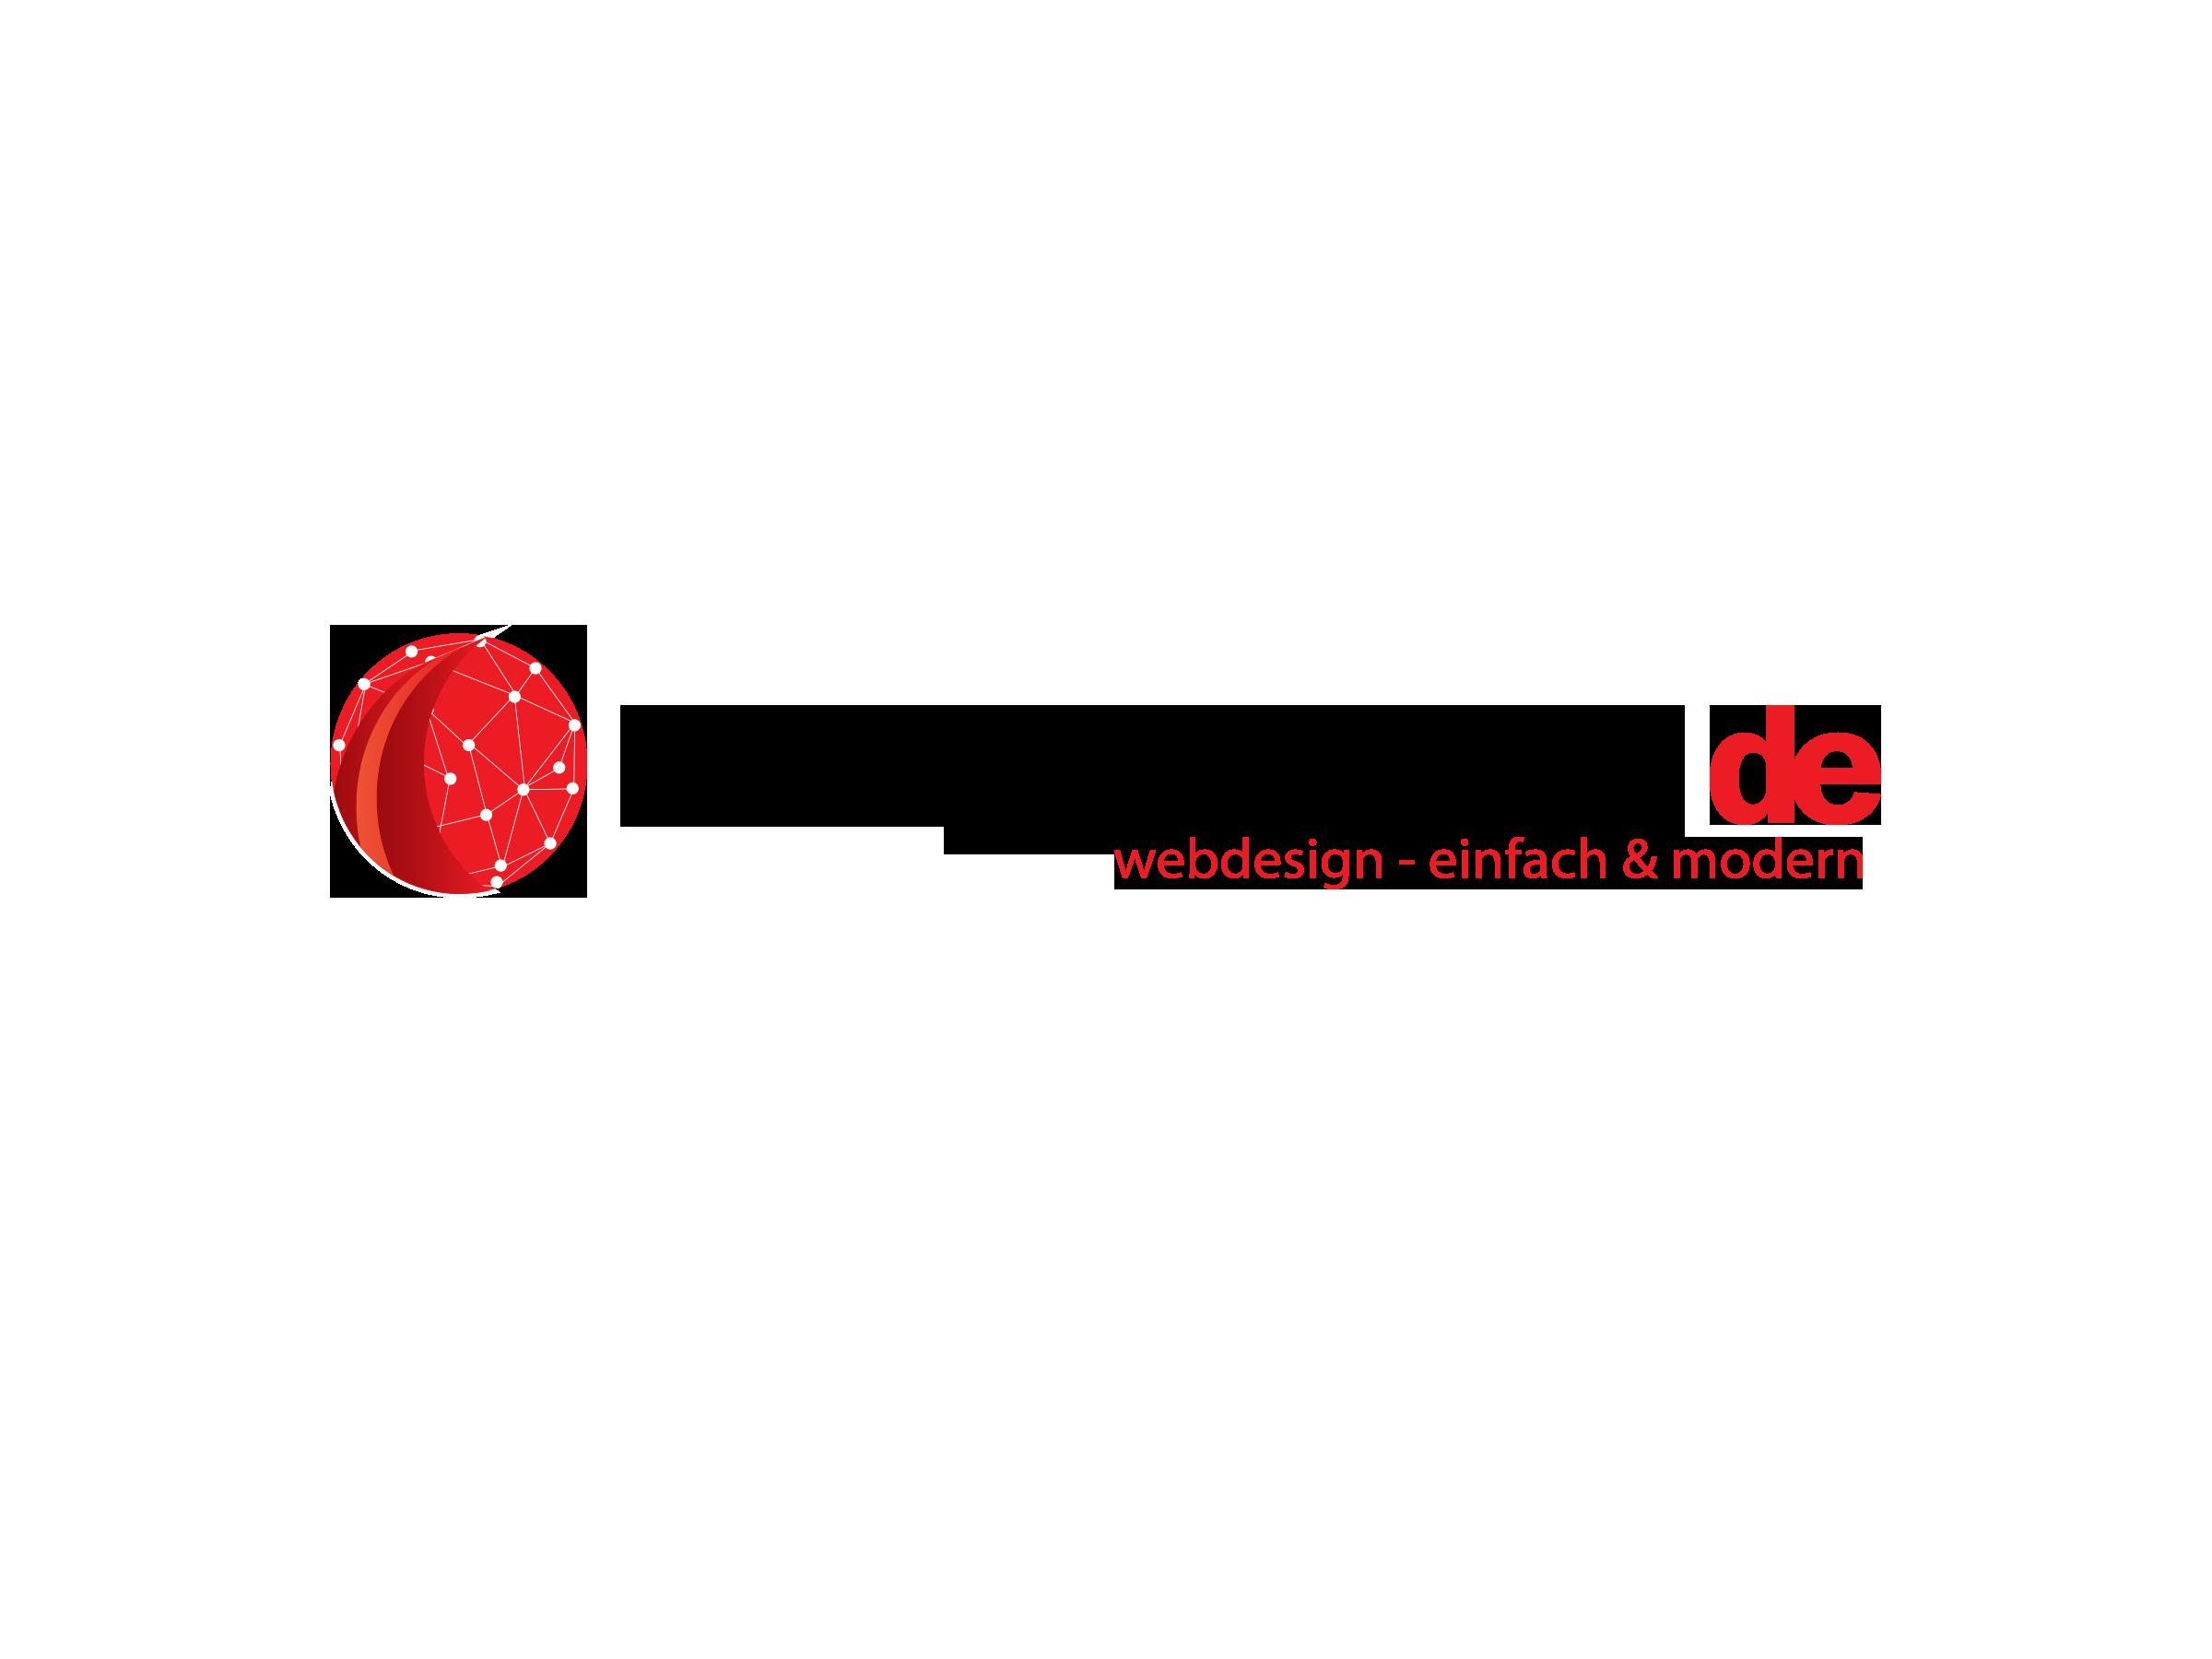 Logo von richtige-seite.de / Mann & Leibert e-commerce GbR